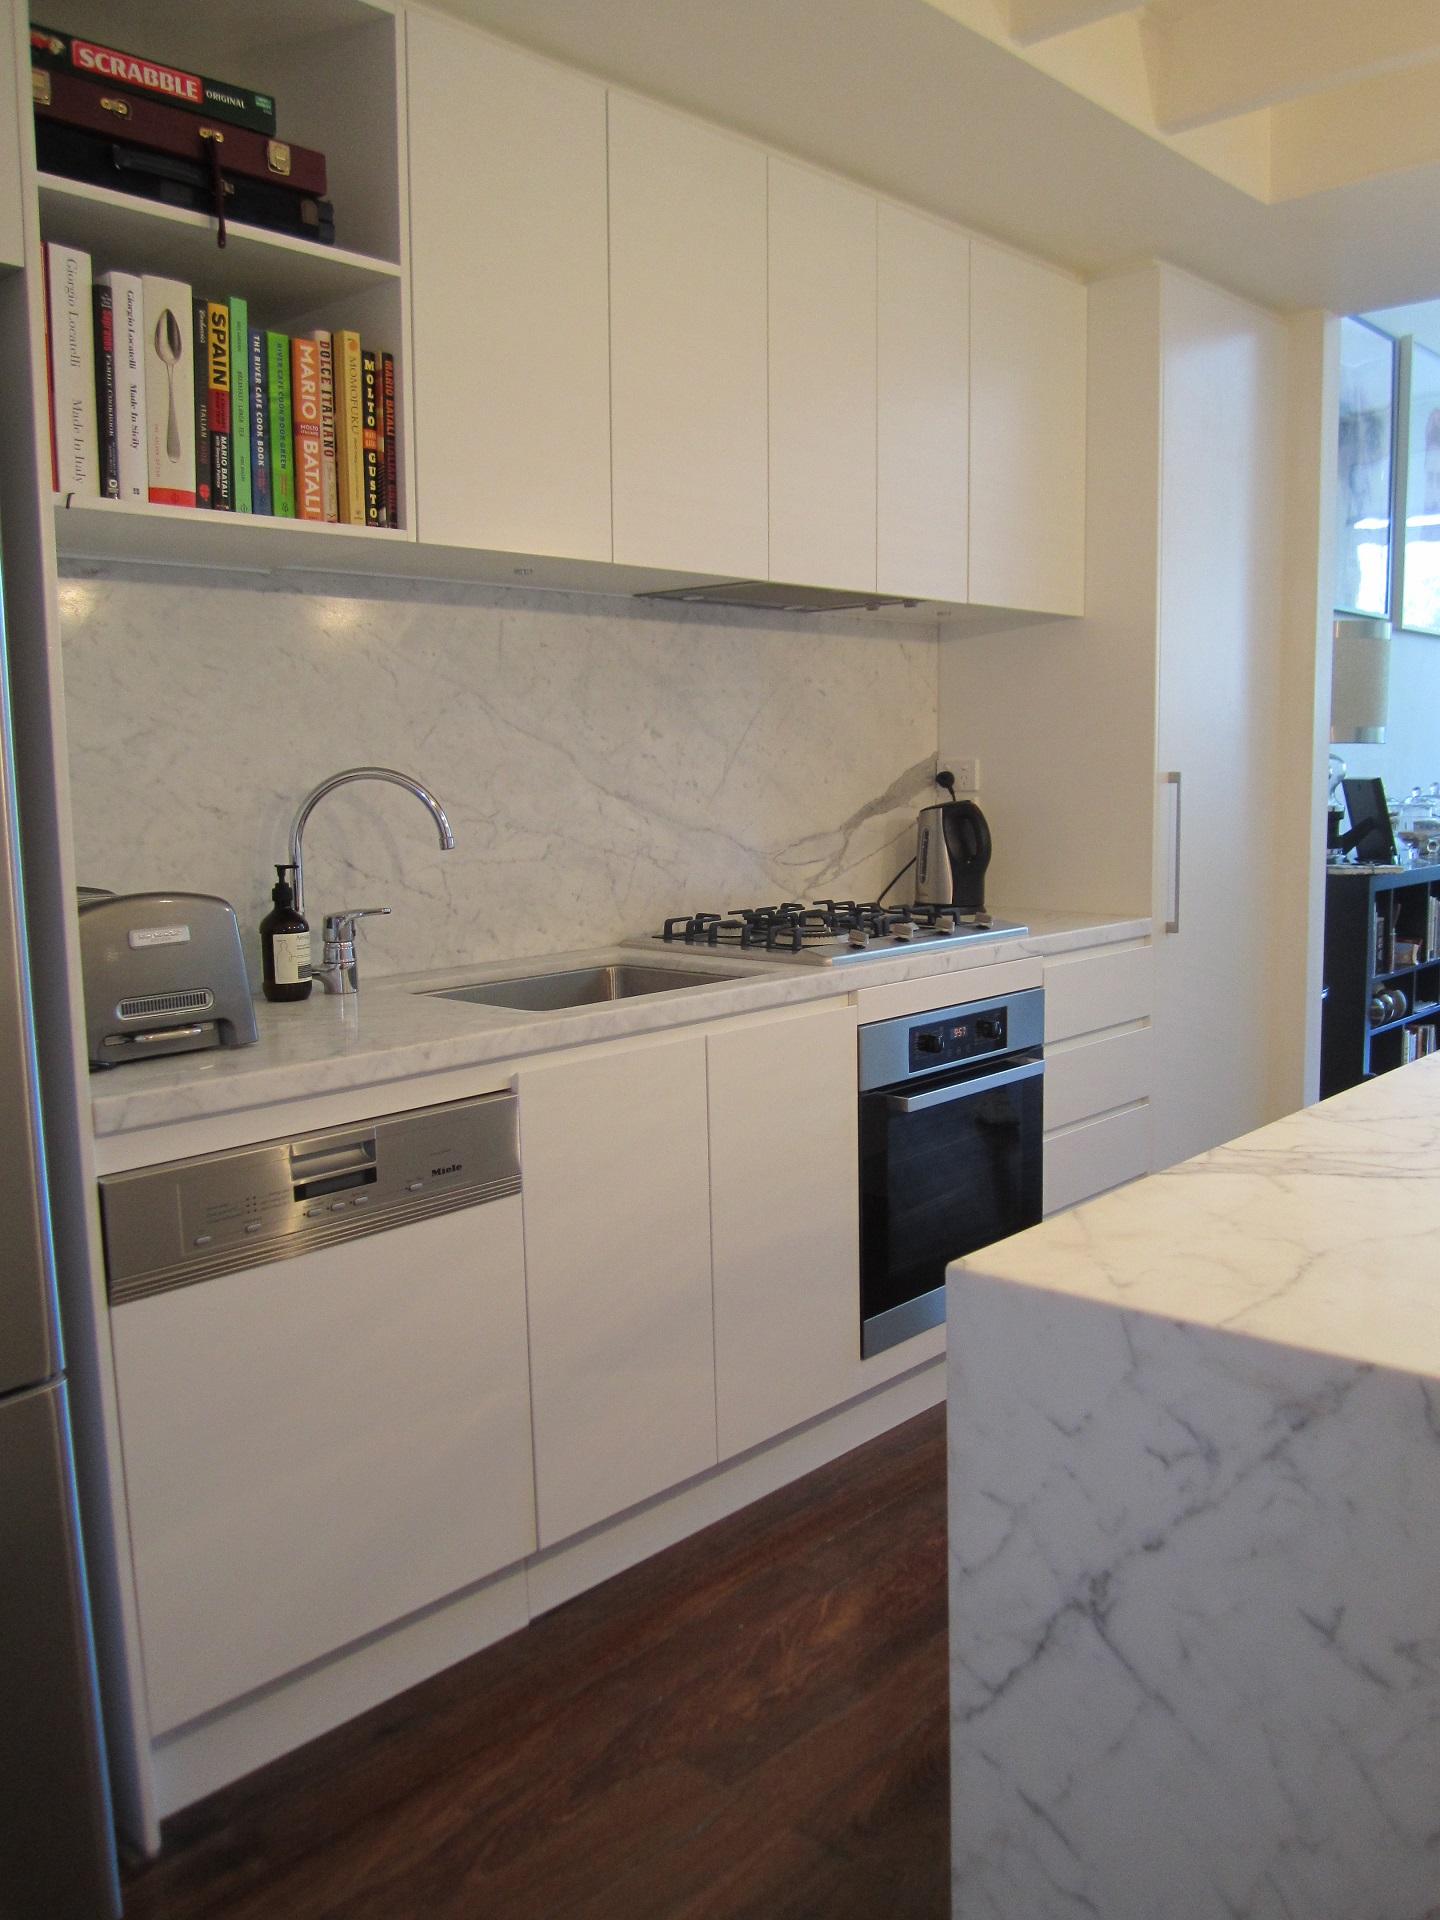 teneriffe-contemporary-kitchen-brisbane-kitchen-design3